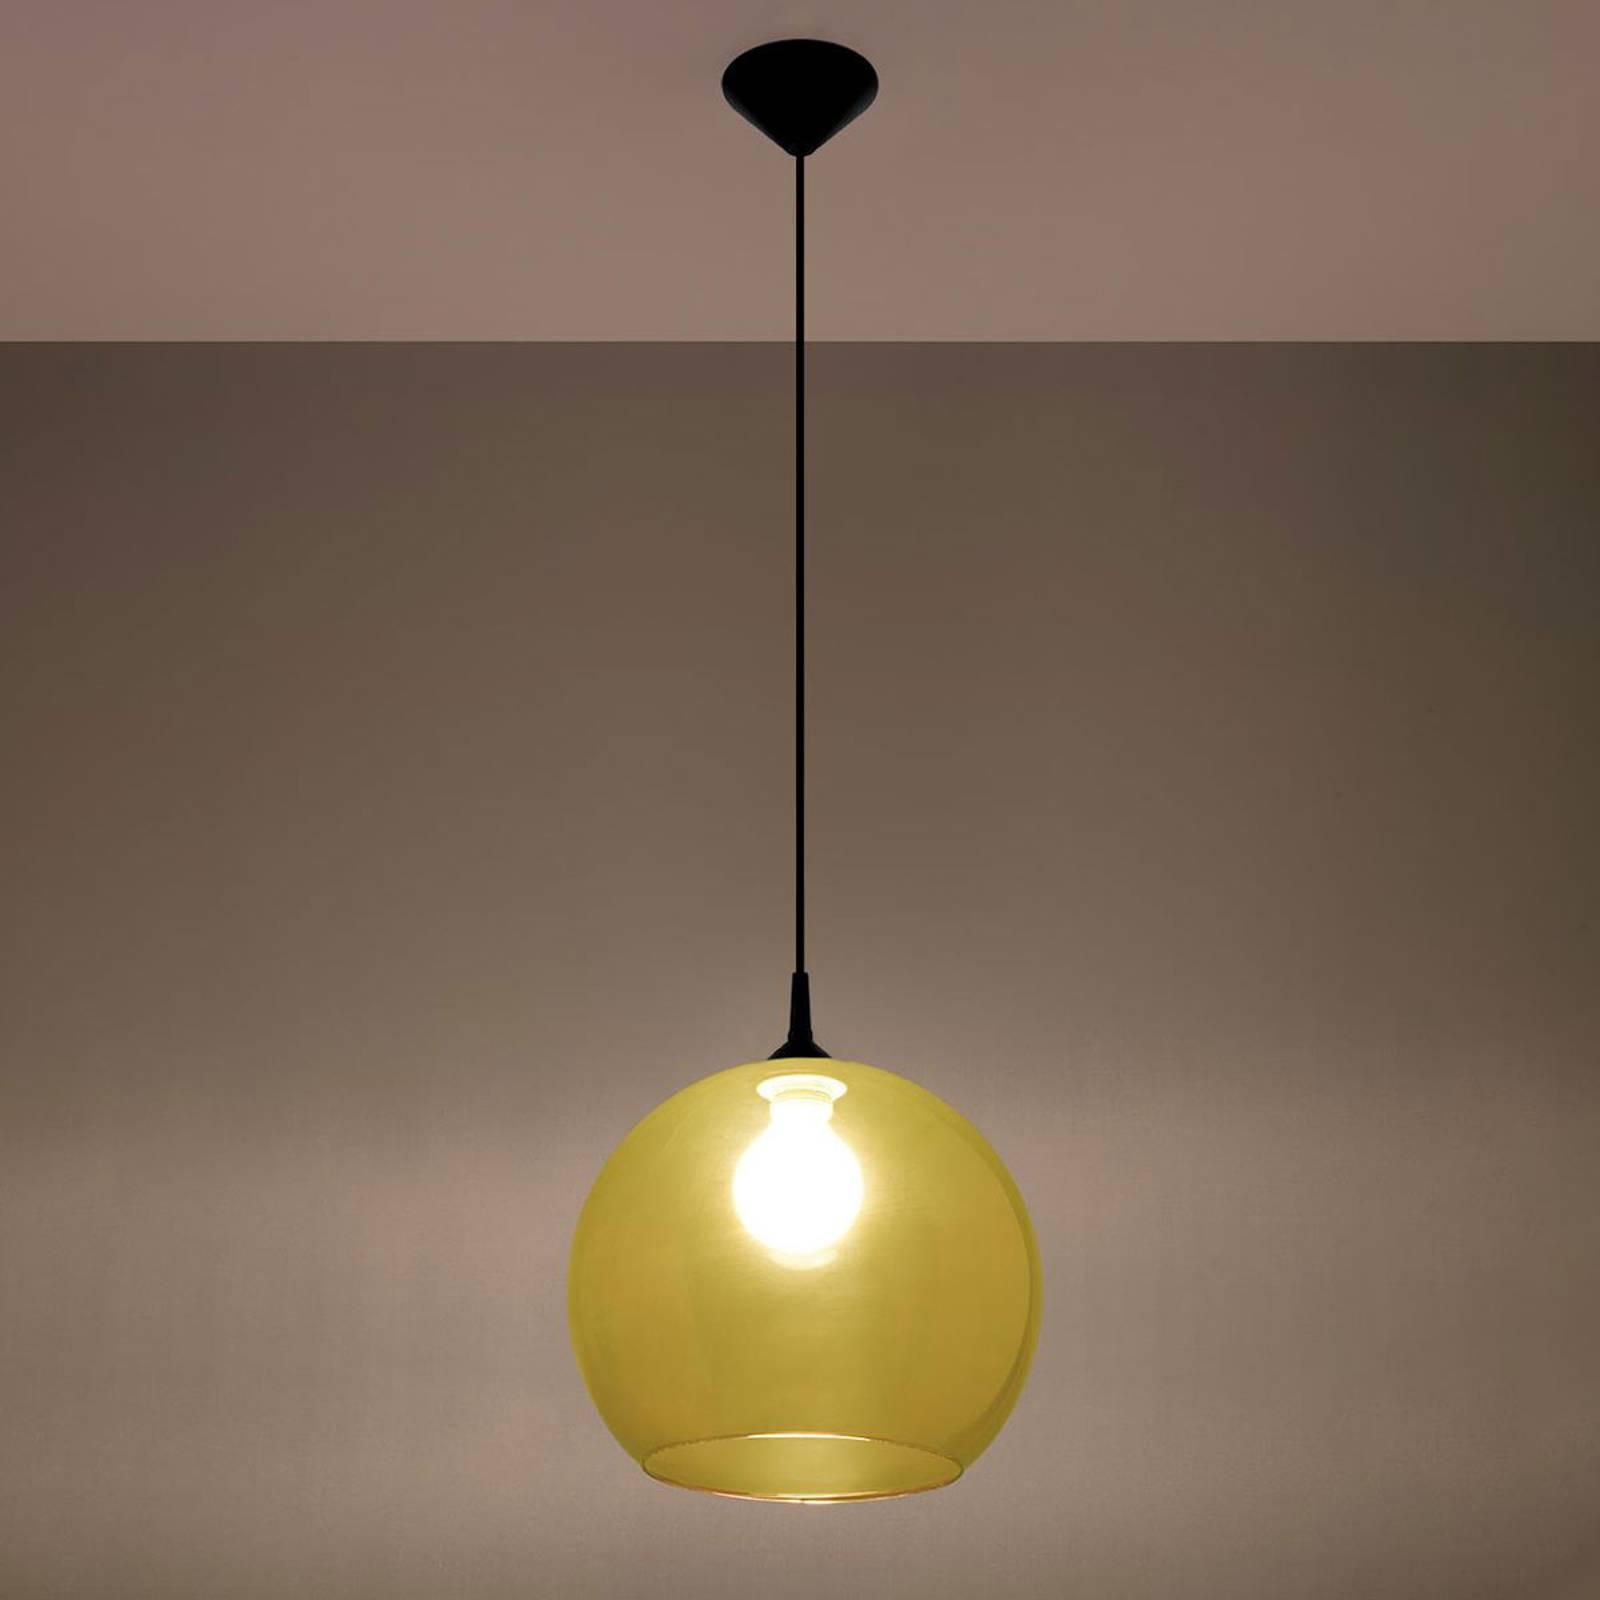 Lampa wisząca Colour szklany klosz żółty